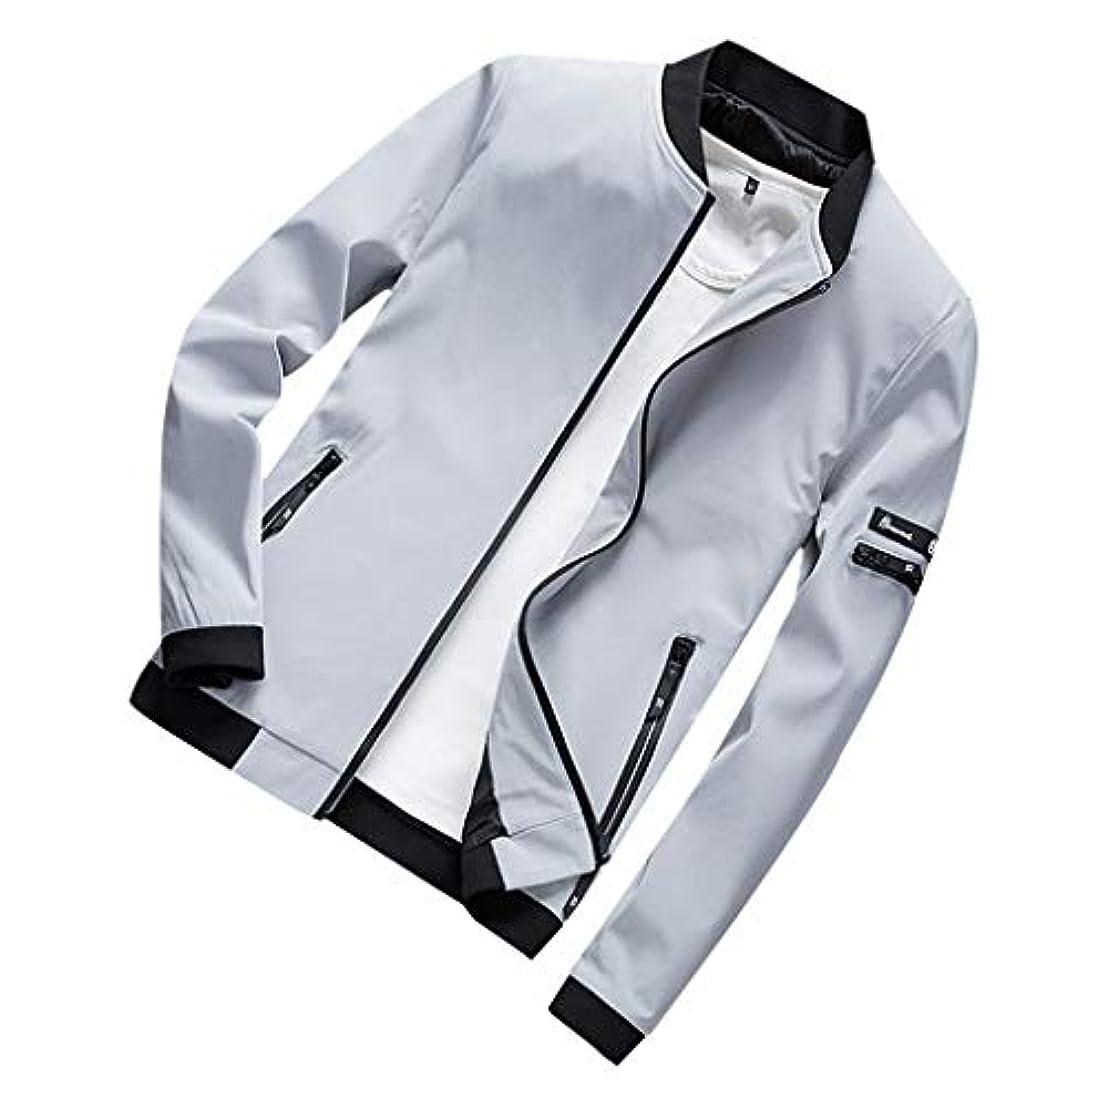 サンダースのためドラゴンジャケット メンズ コート ブルゾン 秋 冬 防水 無地 カジュアル 綿 大きいサイズ アウター 黒 ストレッチ ビジネスシャツ 細身 ジャケット